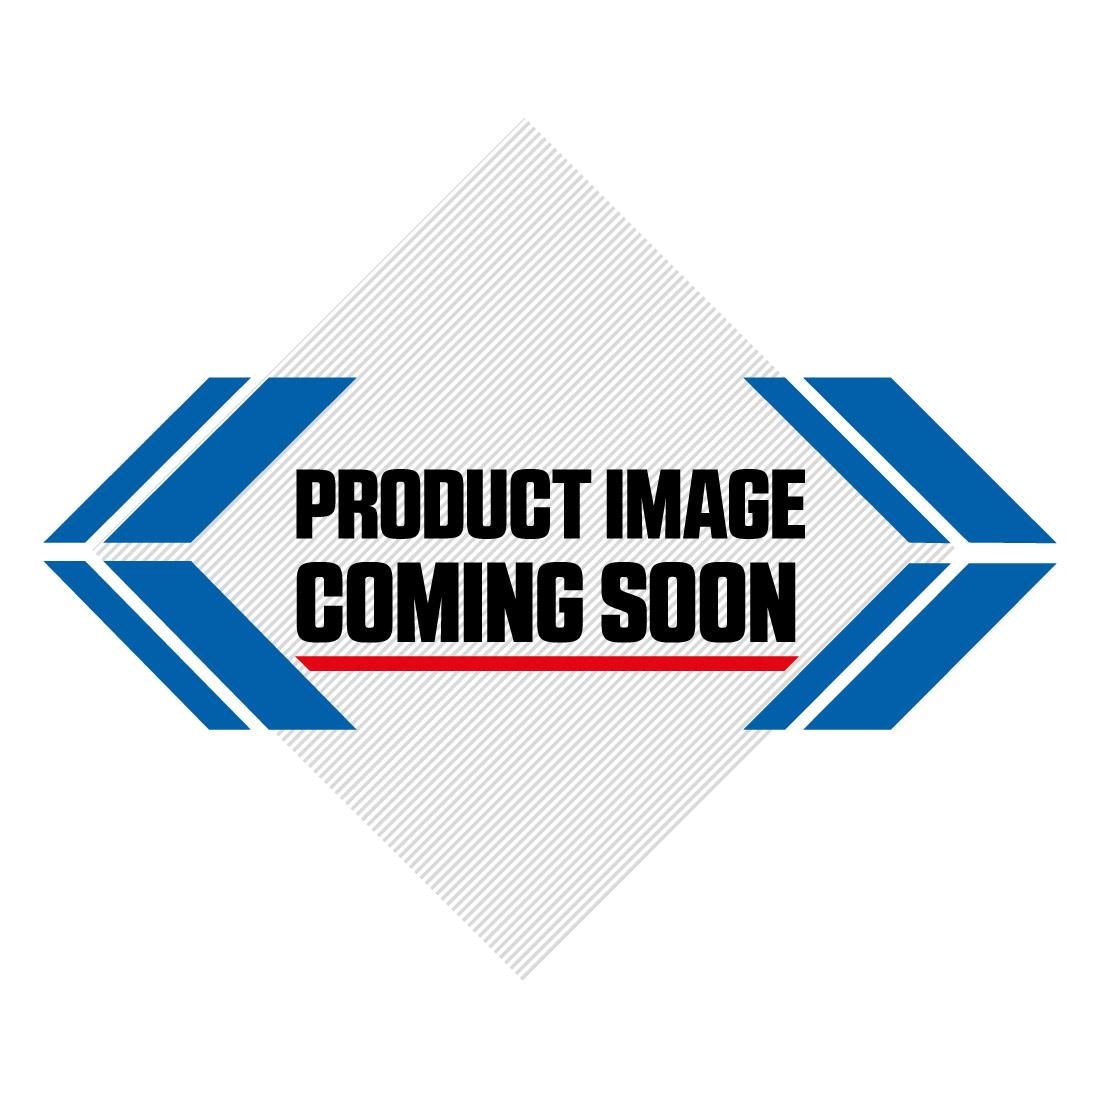 Kawasaki Plastic Kit KX 125 250 (03-04) OEM Factory Image-1